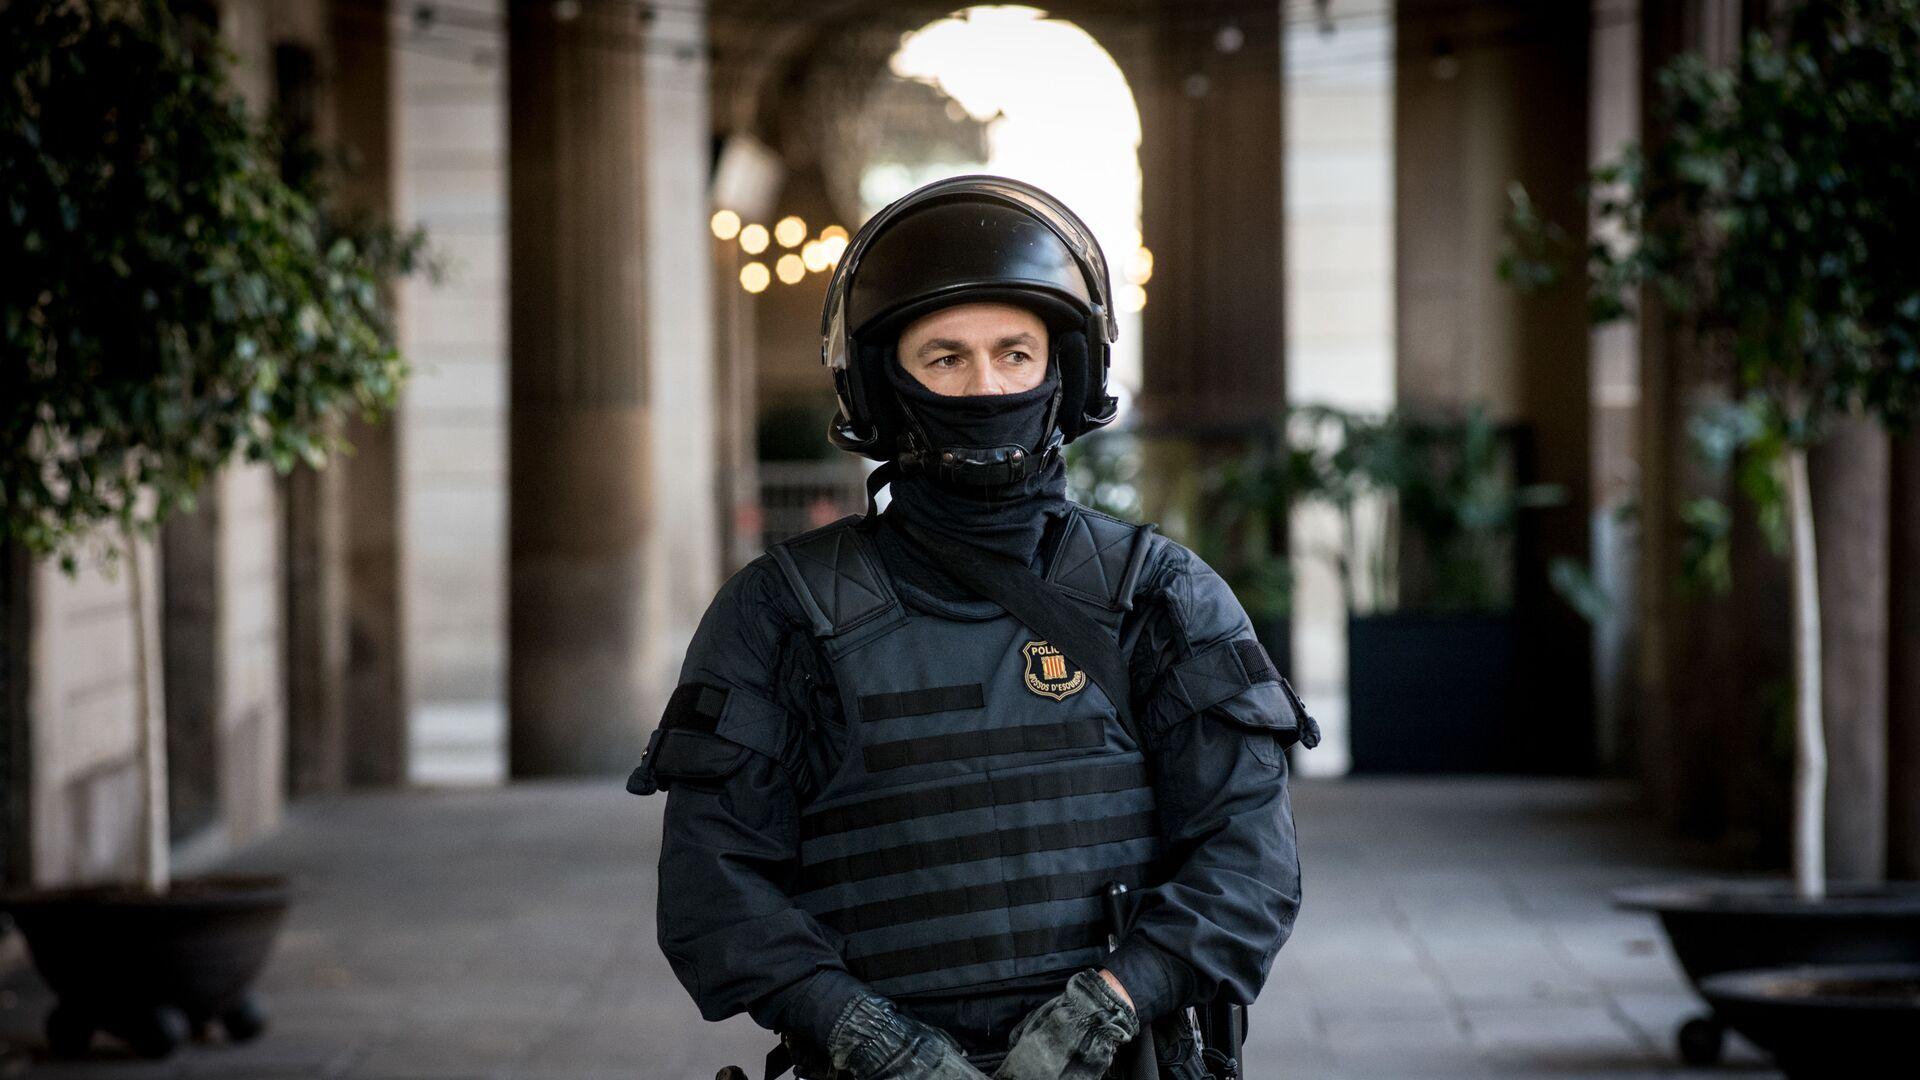 Сотрудник полиции во время акции протеста в Барселоне - РИА Новости, 1920, 09.03.2021